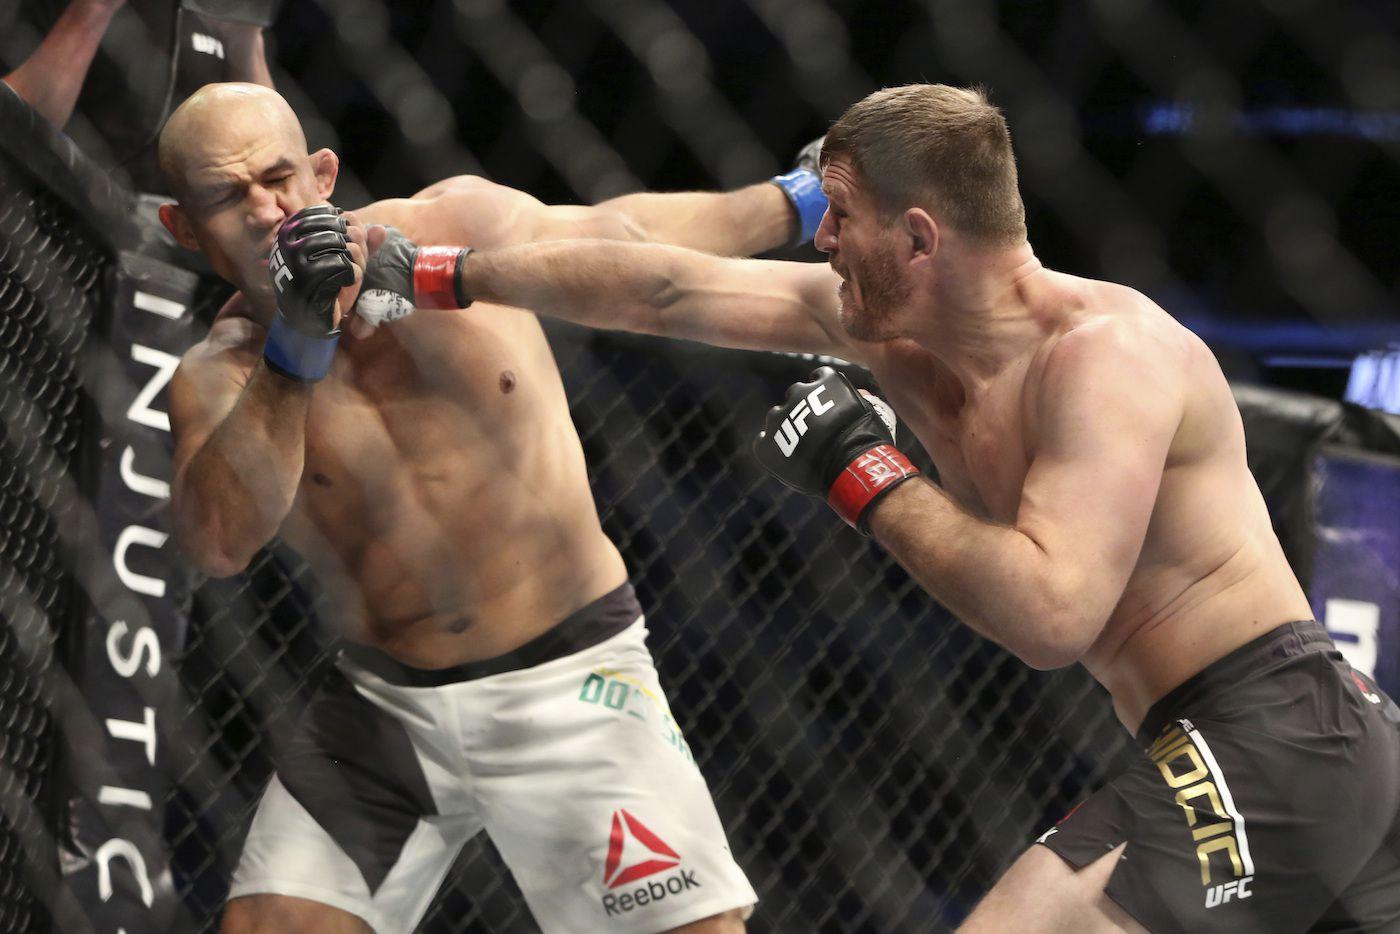 Stipe Miocic conecta un golpe en el rostro de Junior de Dos Santos, en el combate de título de peso completo de la UFC. AP